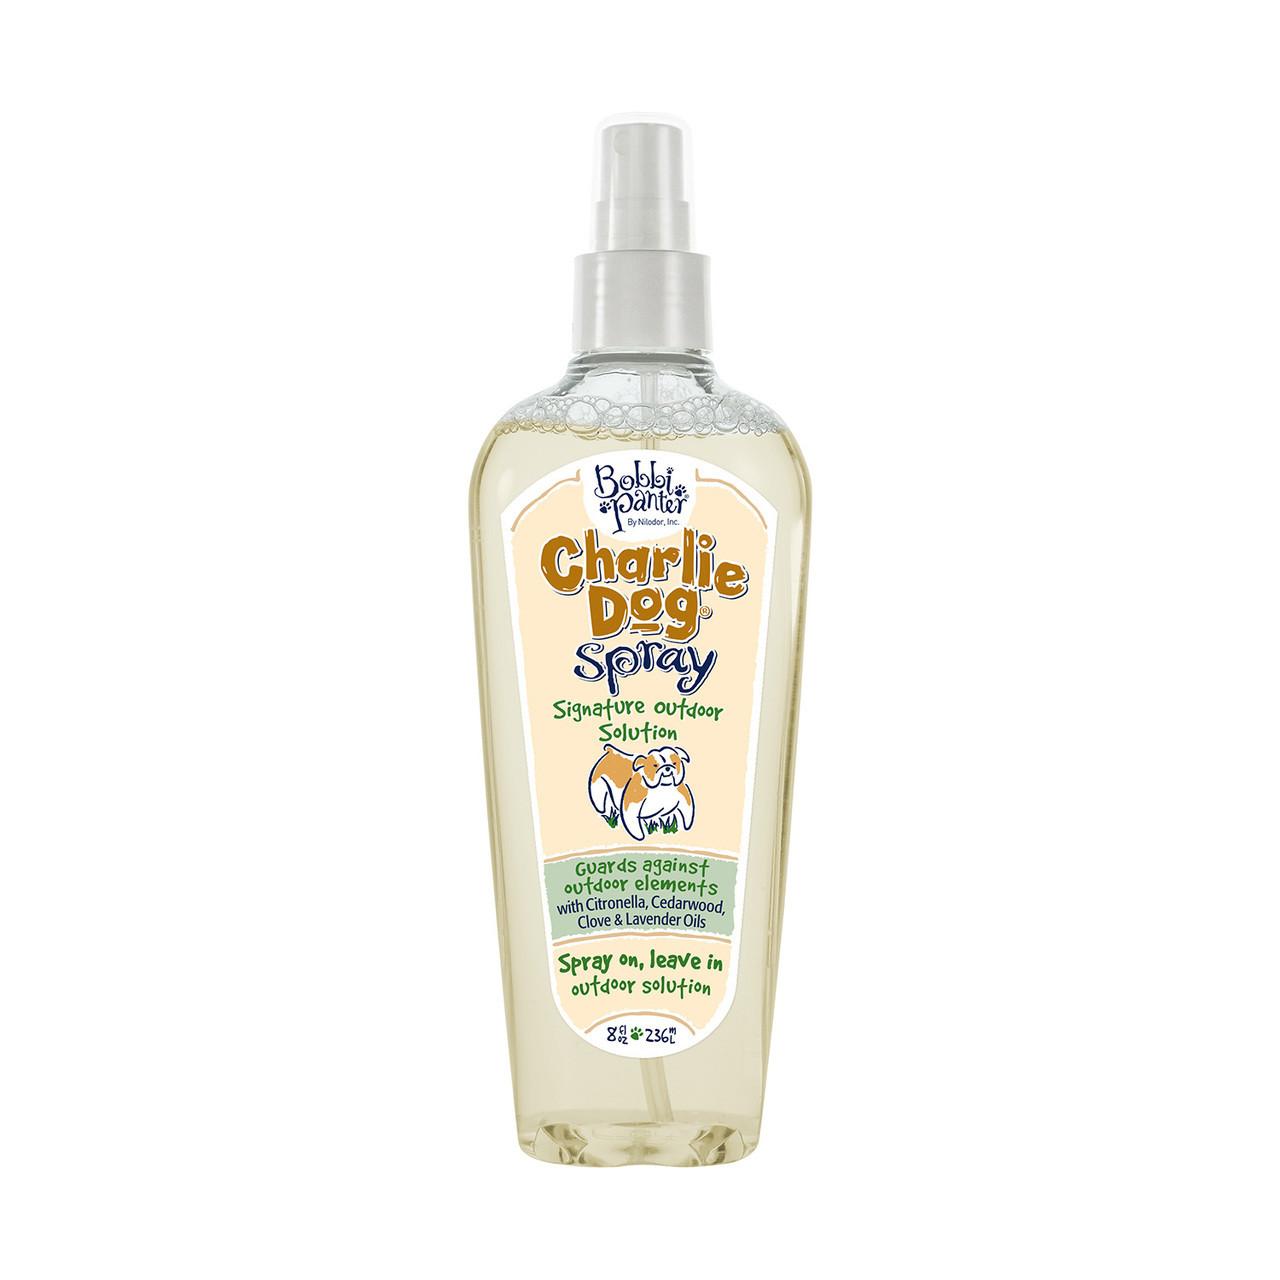 Bobbi Panter Charlie Dog Flea & Tick Solution Spray